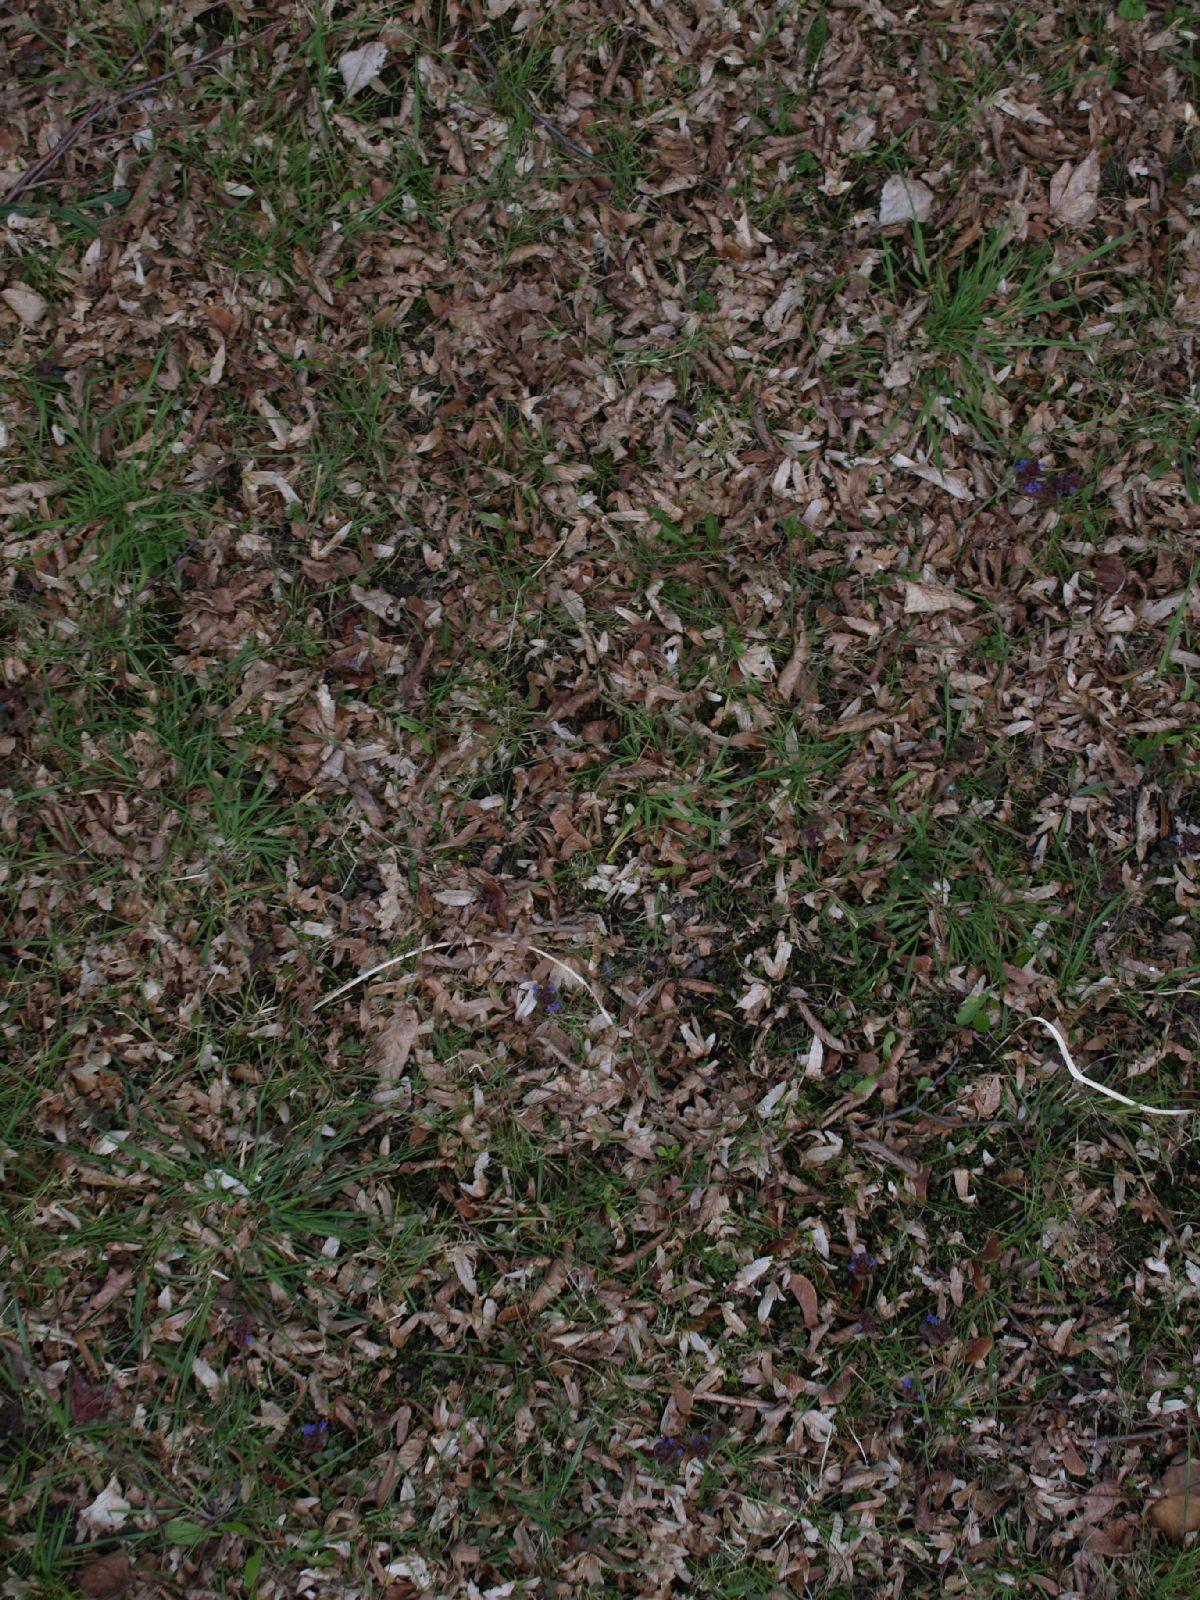 Boden-Gras-Moos-Blumen_Textur_A_P4120971